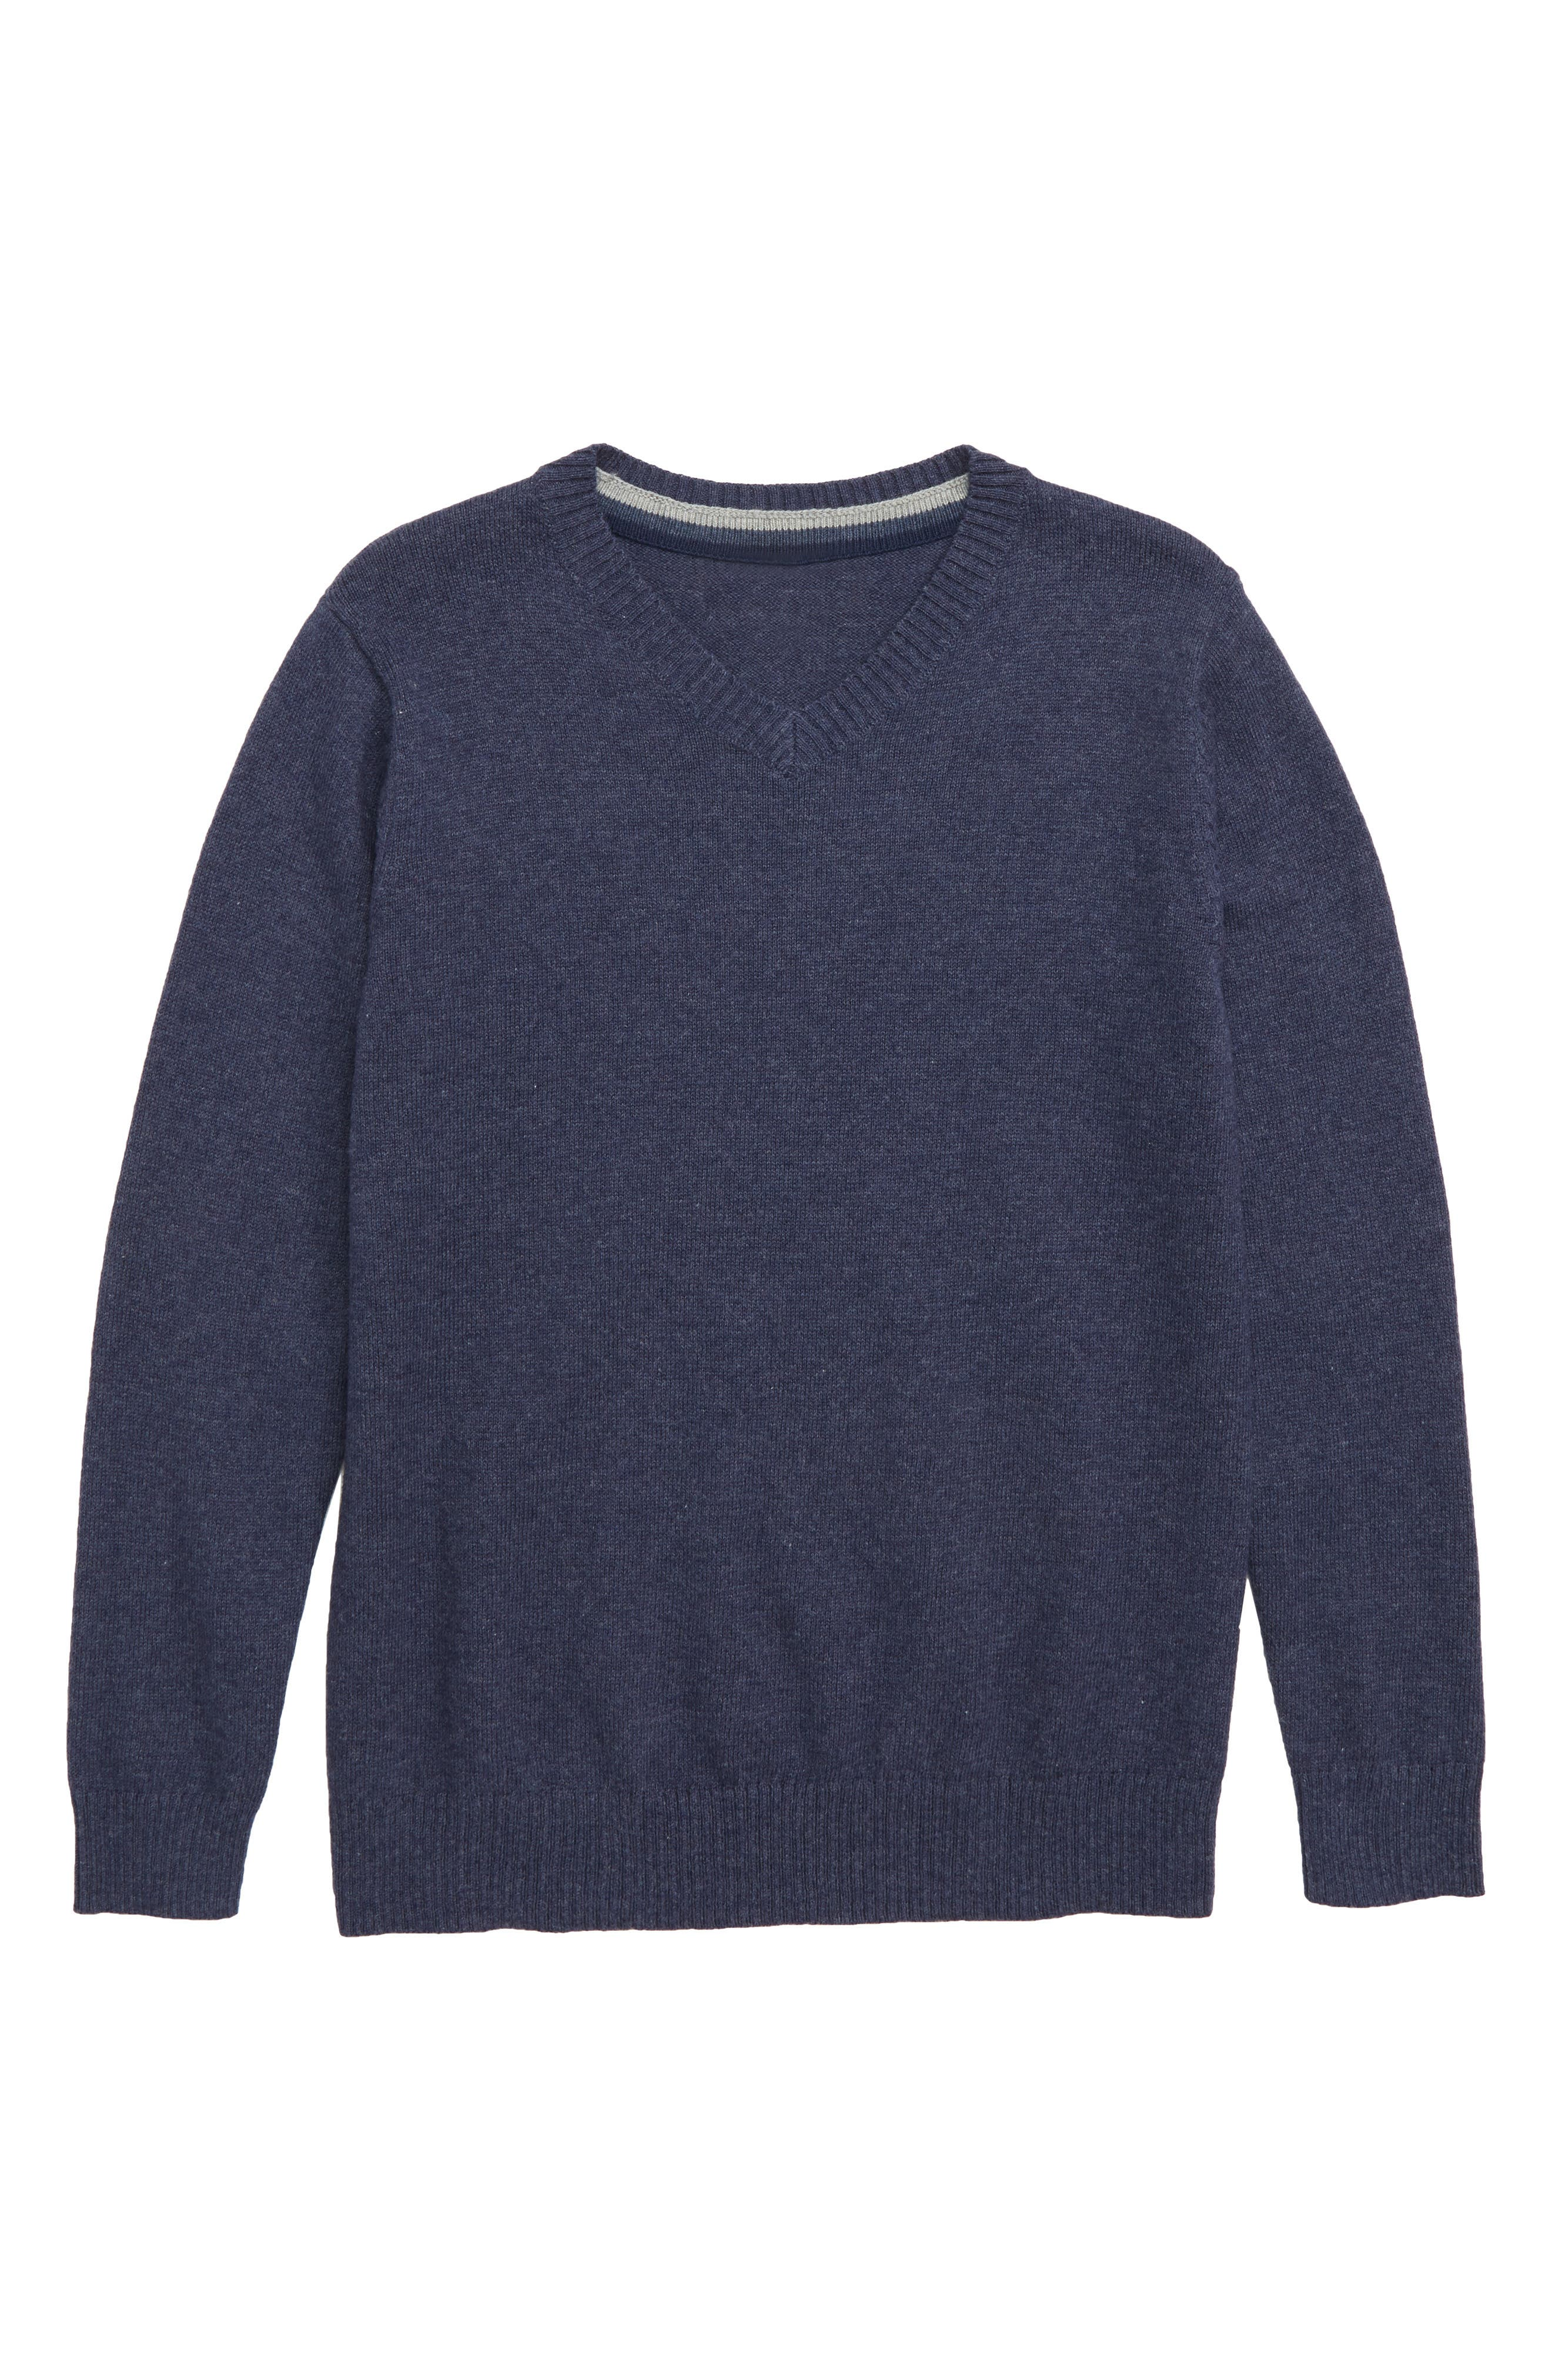 V-Neck Sweater,                             Main thumbnail 1, color,                             NAVY BLAZER HEATHER